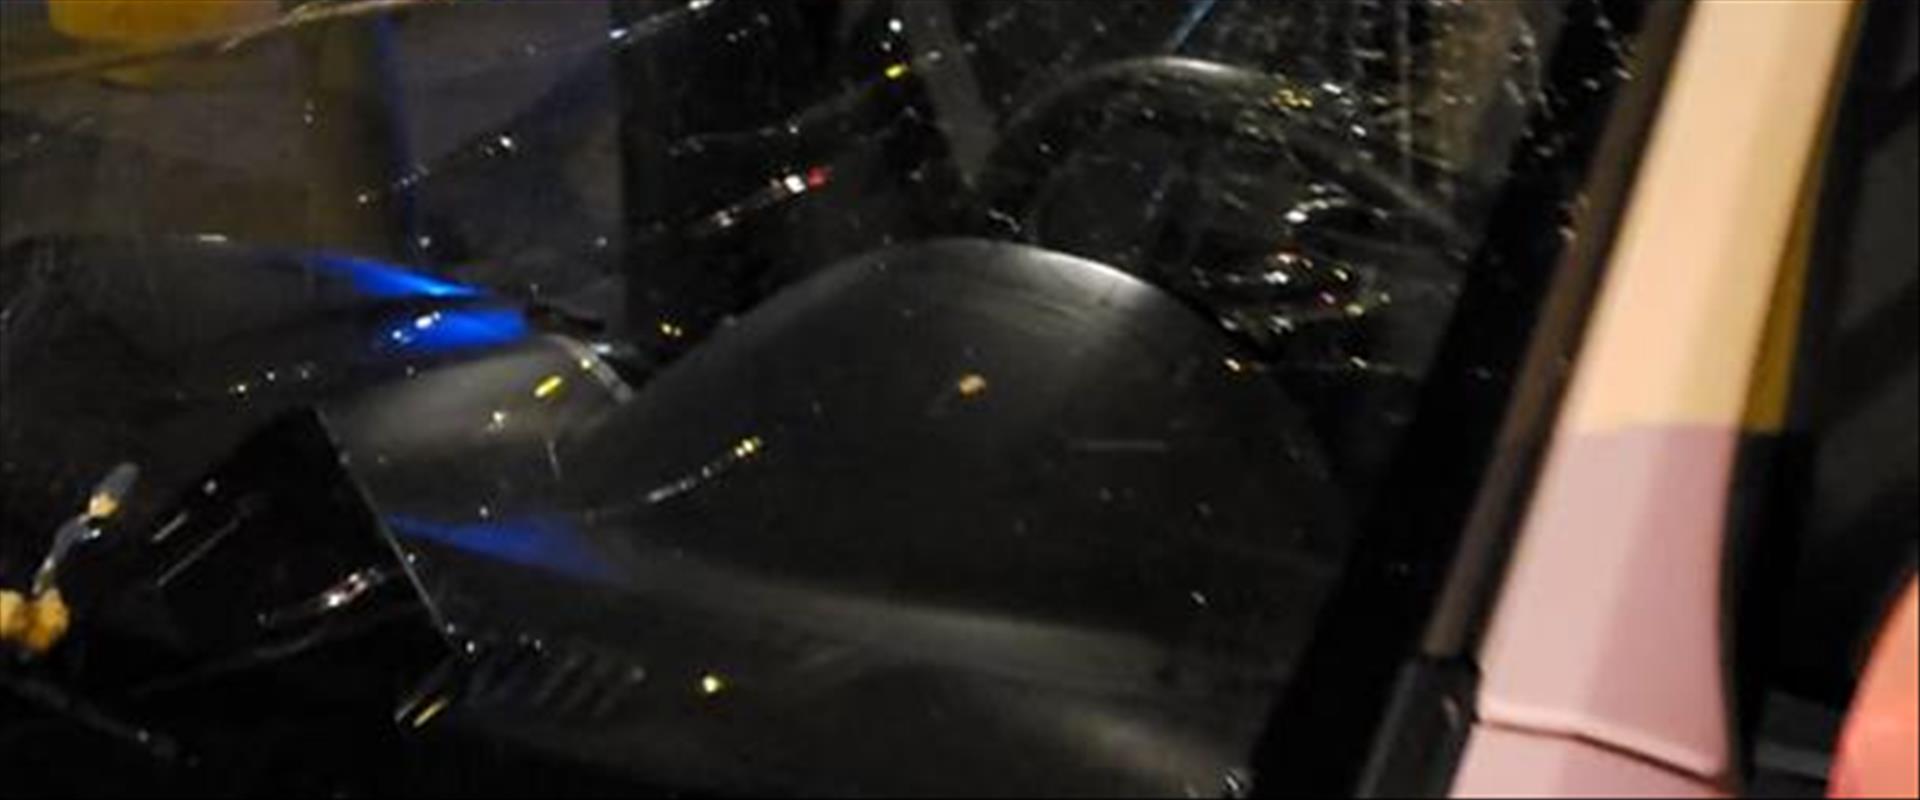 רכב שהוביל דגימות קורונה הותקף במאה שערים 04.04.20